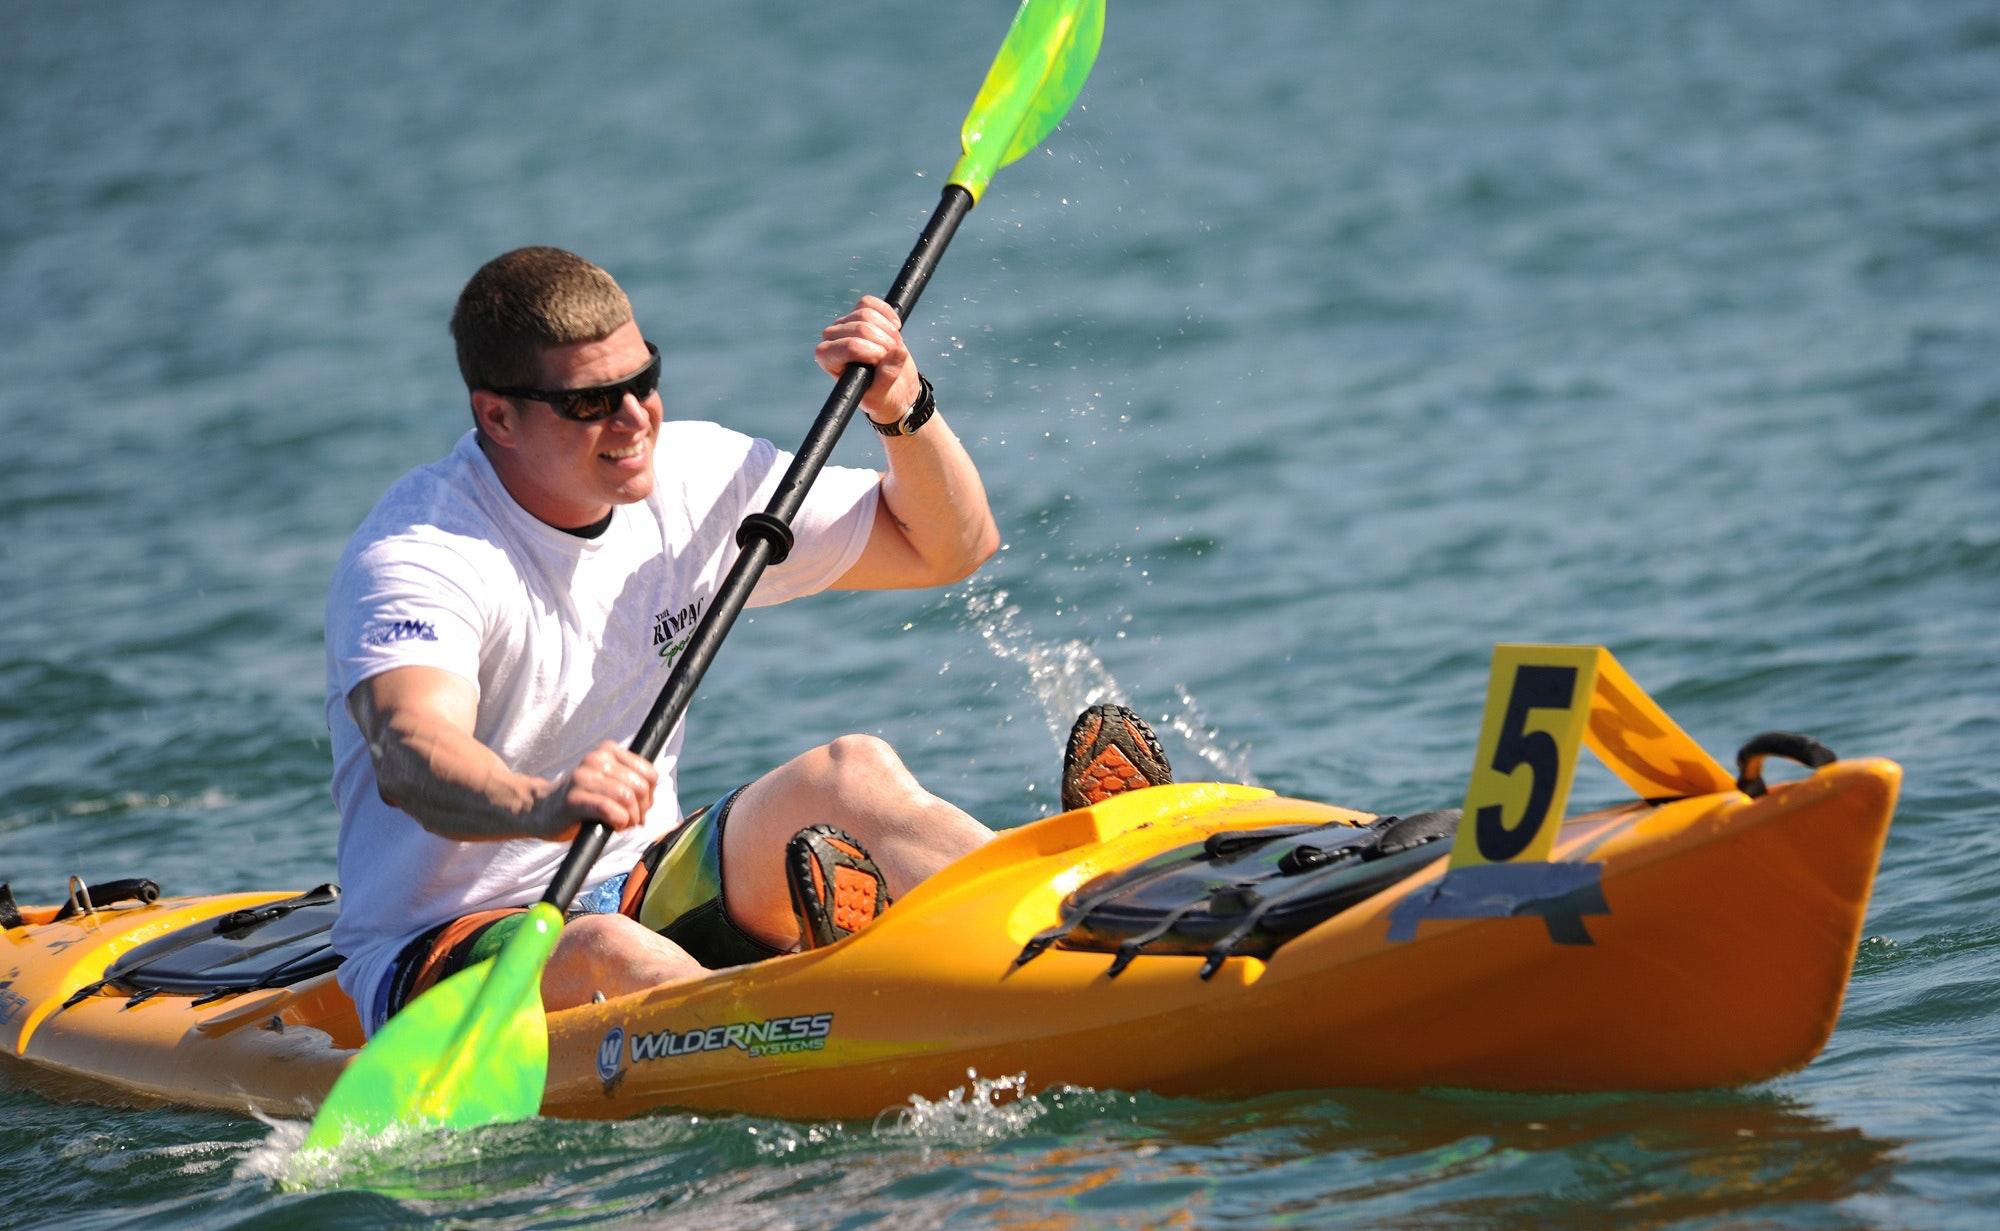 boat-hands-kayak-40859.jpg